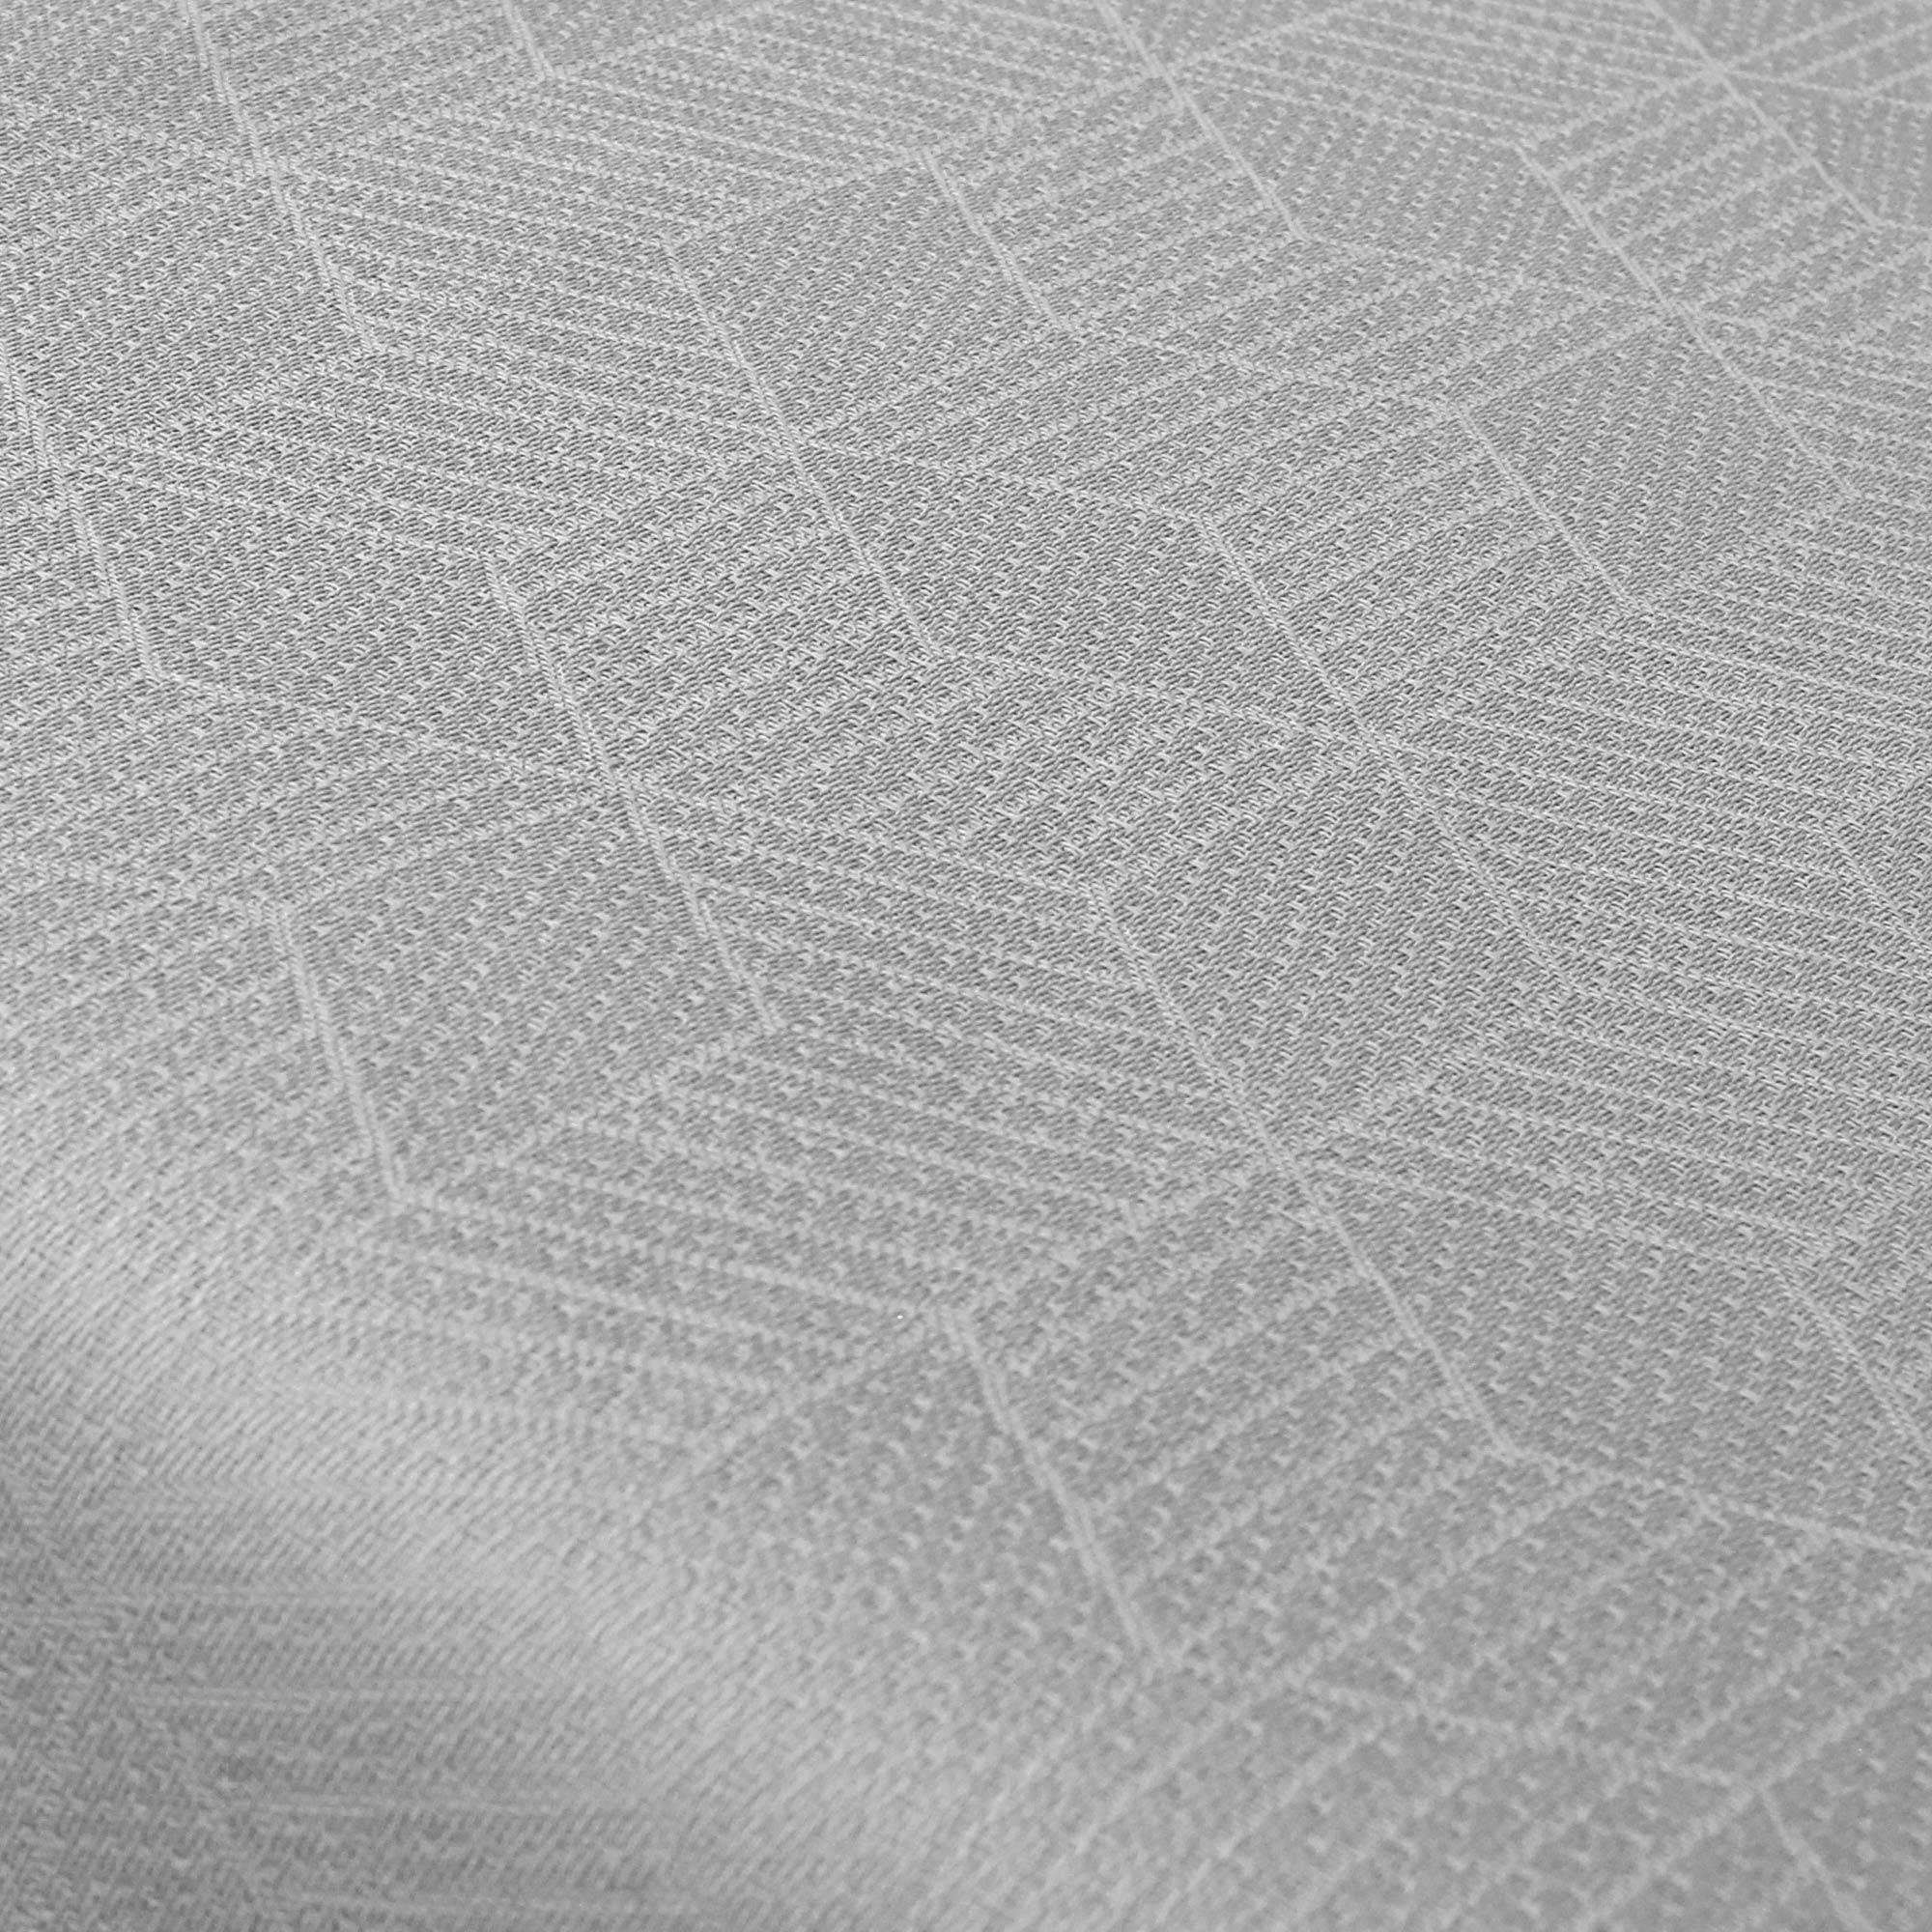 Chemin de table 45x150 jacquard 100 coton cube gris perle eur 19 26 picclick fr - Chemin de table gris perle ...